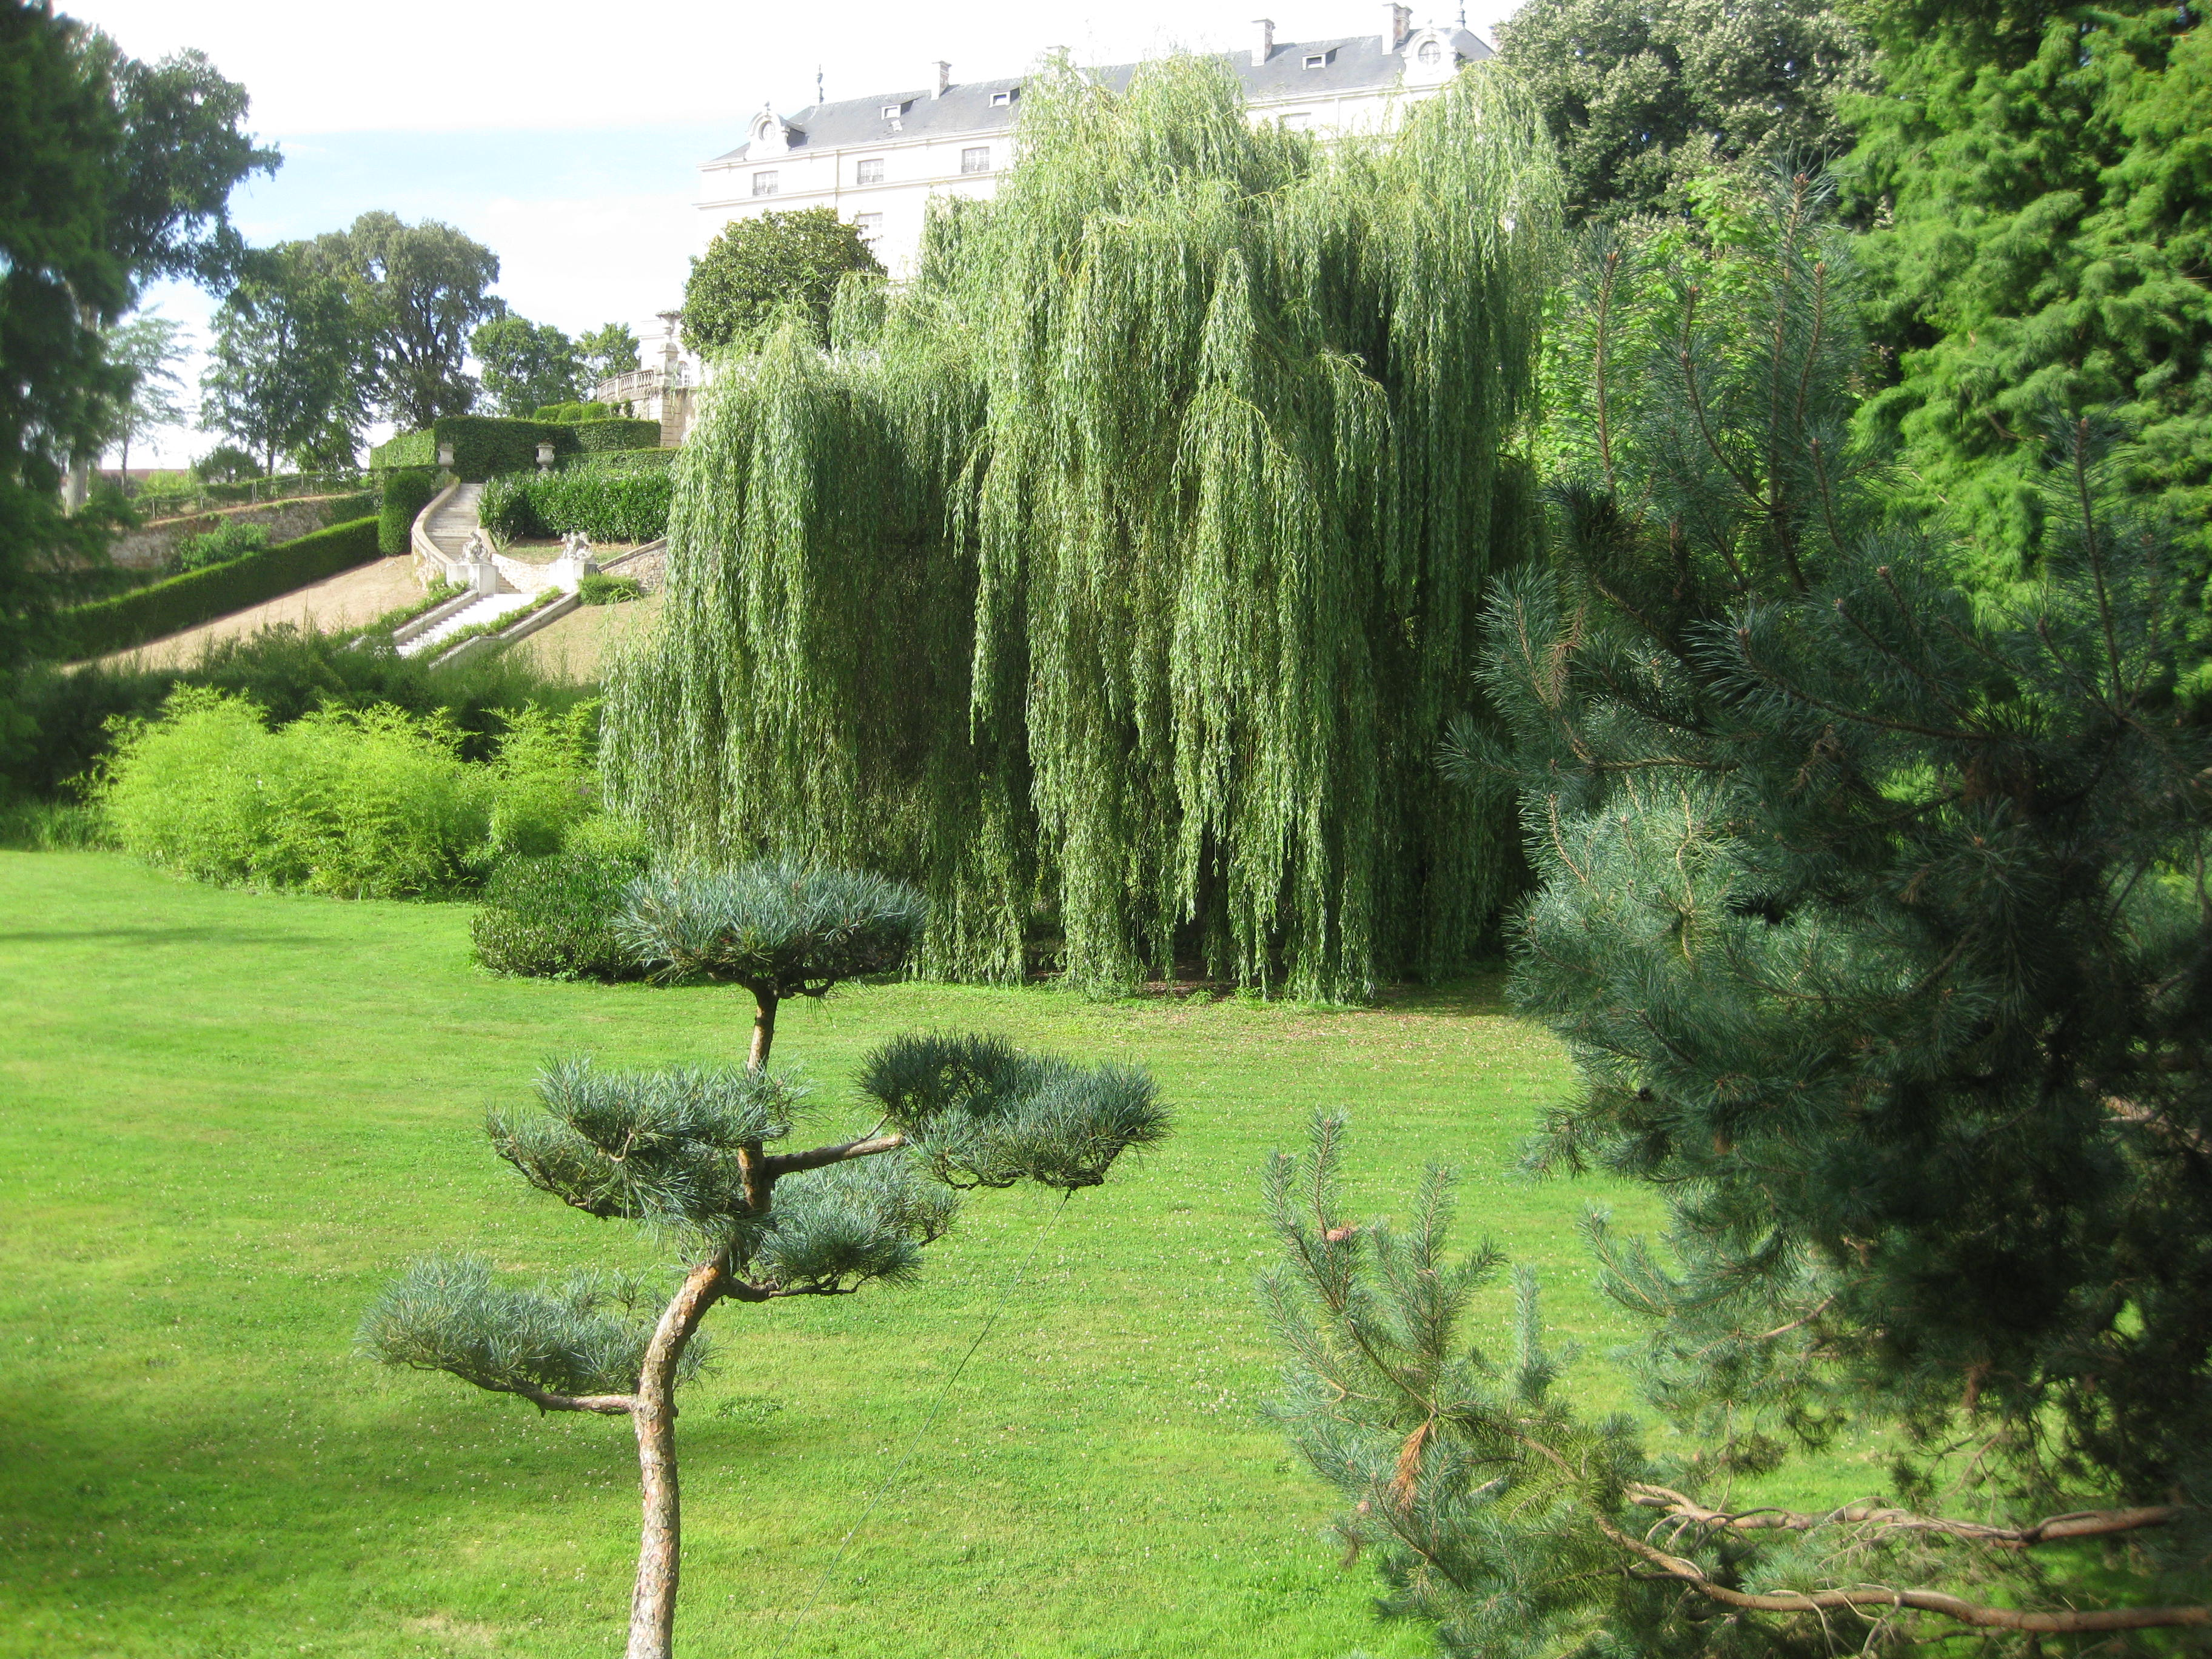 Archives ao t 2013 milfontaines for Jardin japonais cholet